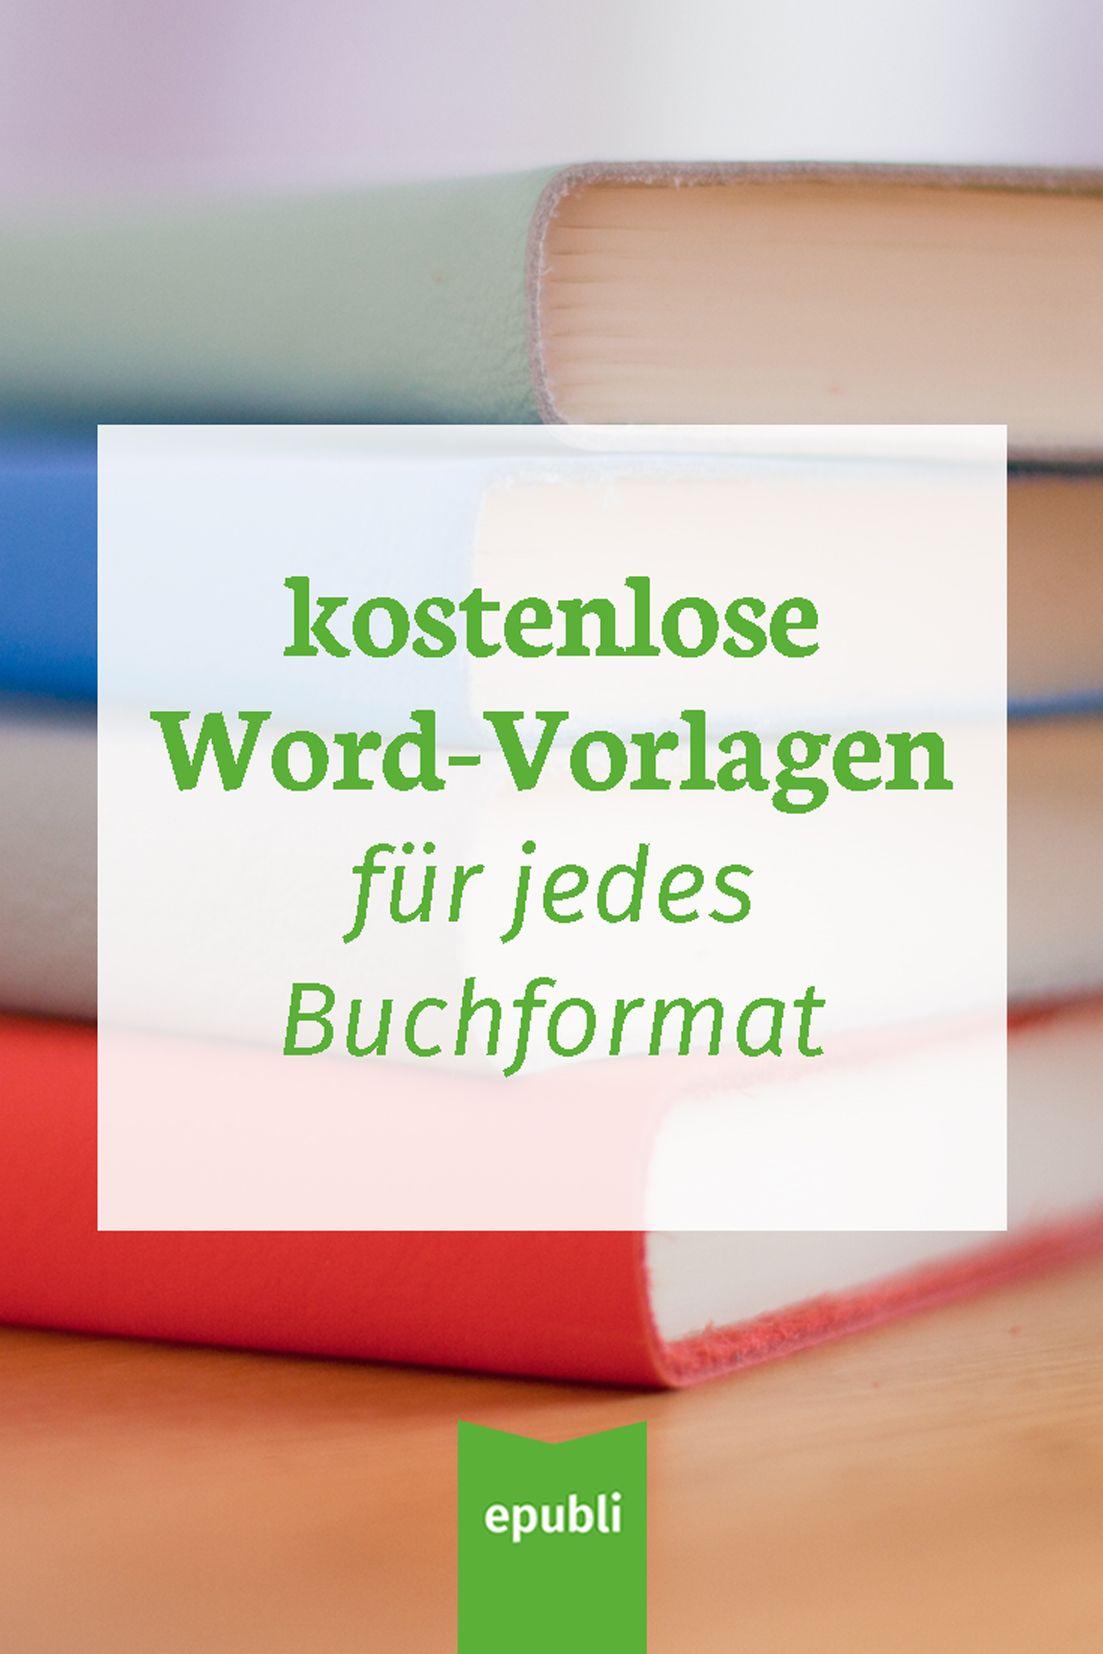 Buchsteckbrief Schreiben Vorlage Uta Reimann Hohn 14